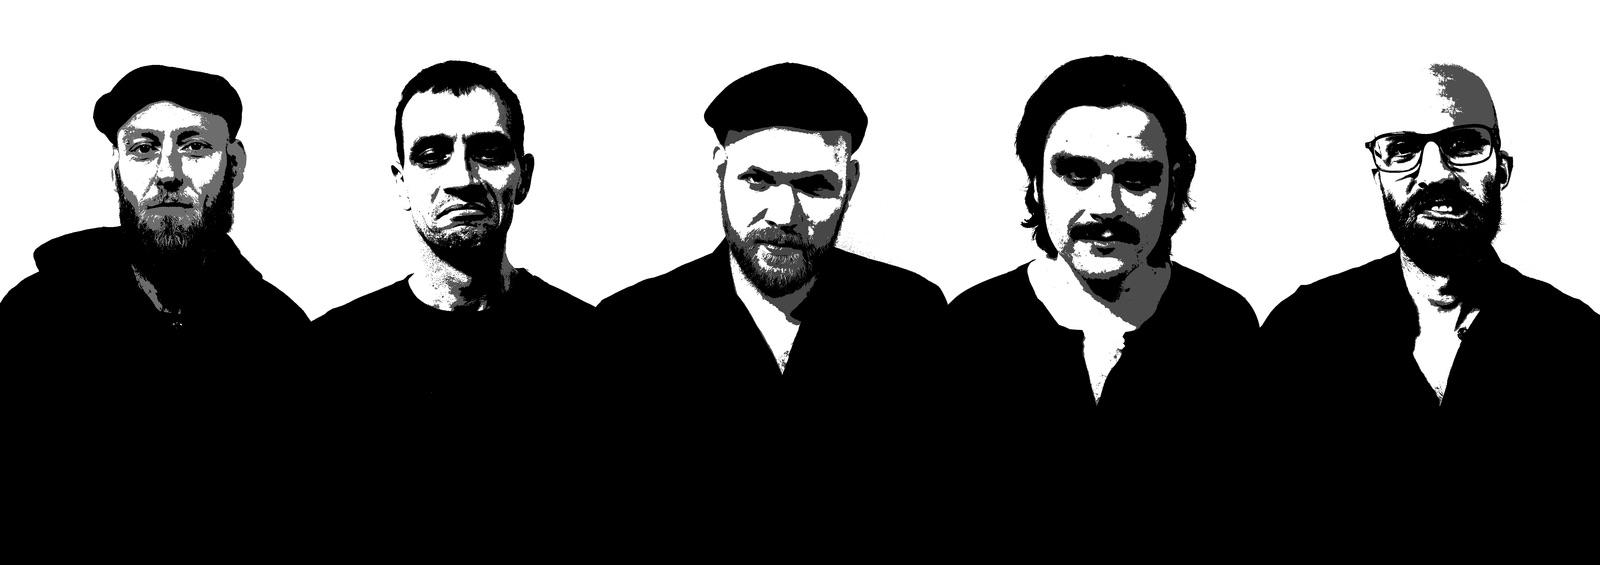 Strangers On A Train aus Kopenhagen überraschen mit ihrem Mix aus Polka, Gypsy, Tango, Rock, Folk und Country.